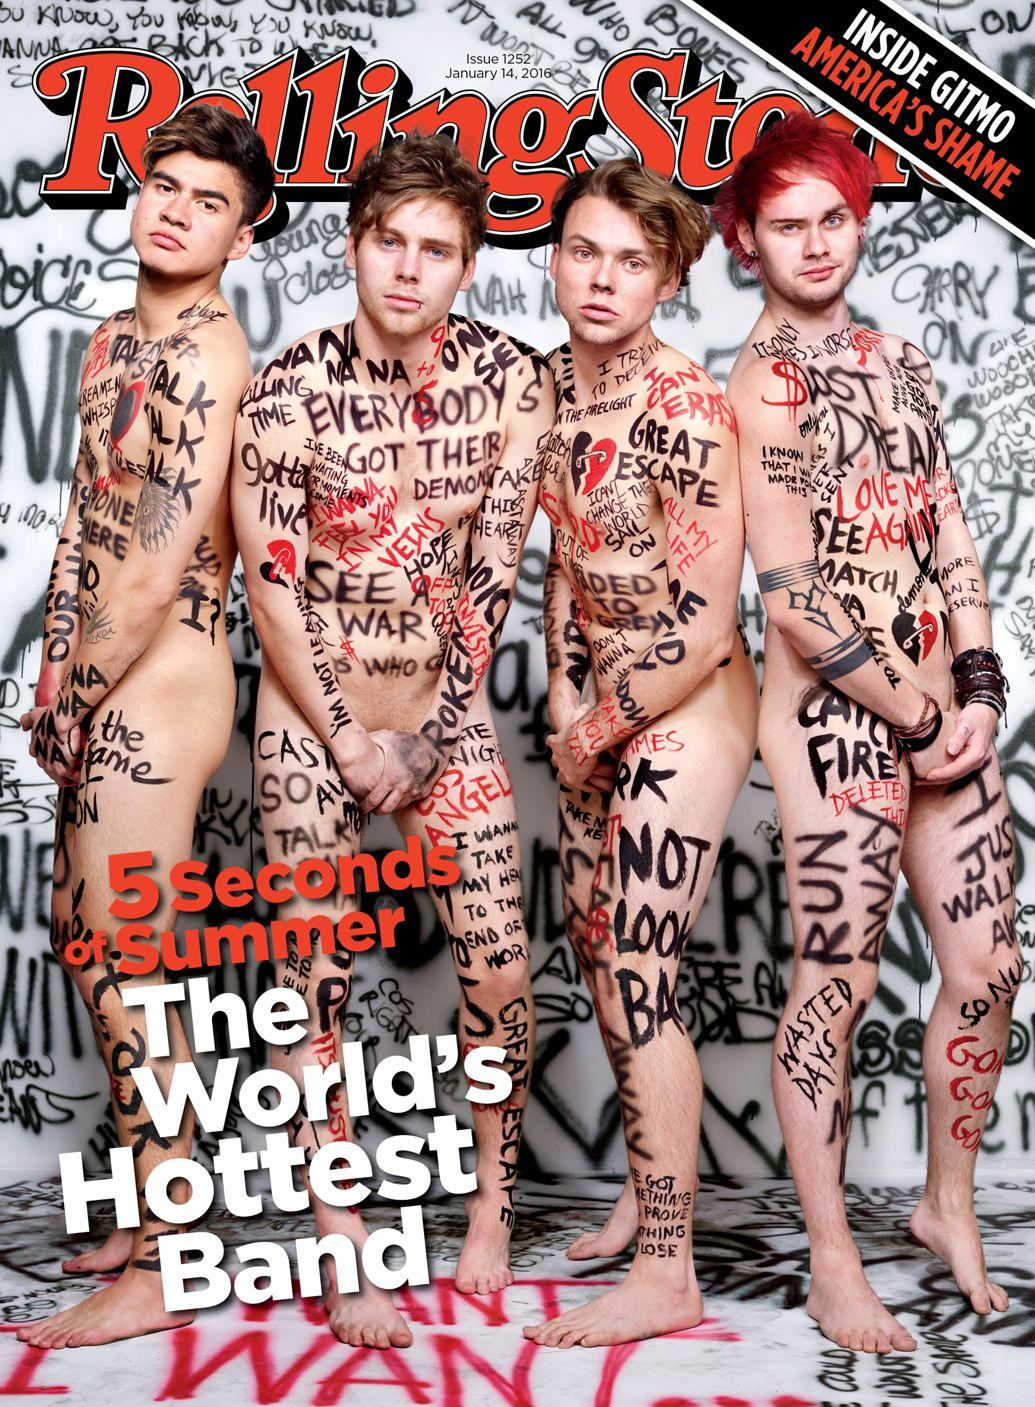 5 seconds of summer aparecem nus em capa de revista